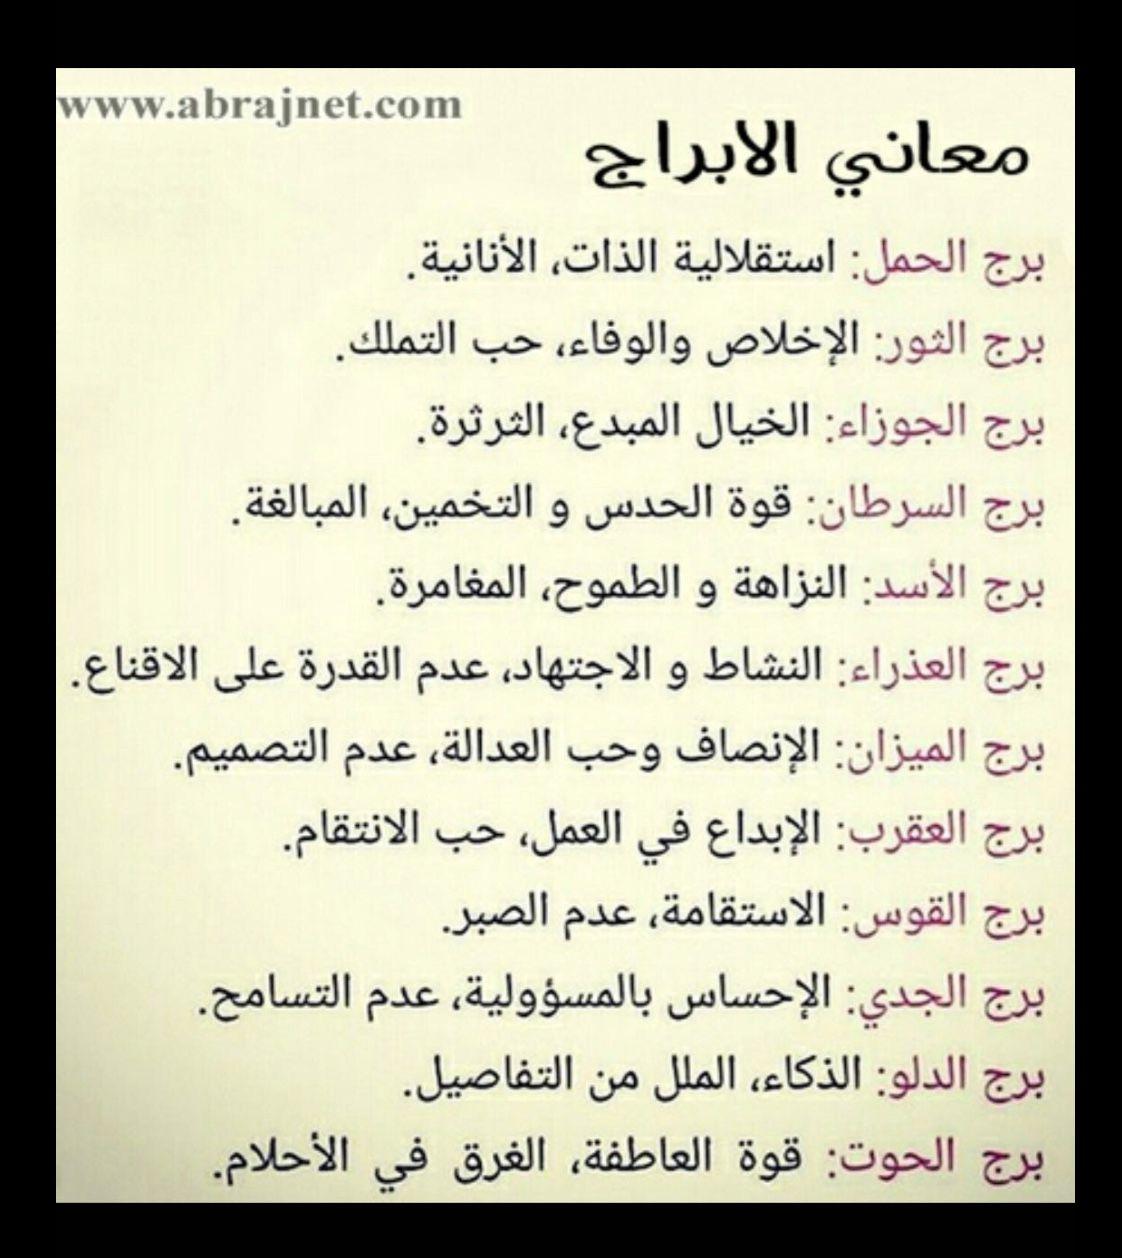 حب الانتقام Mood Quotes Life Quotes Funny Arabic Quotes